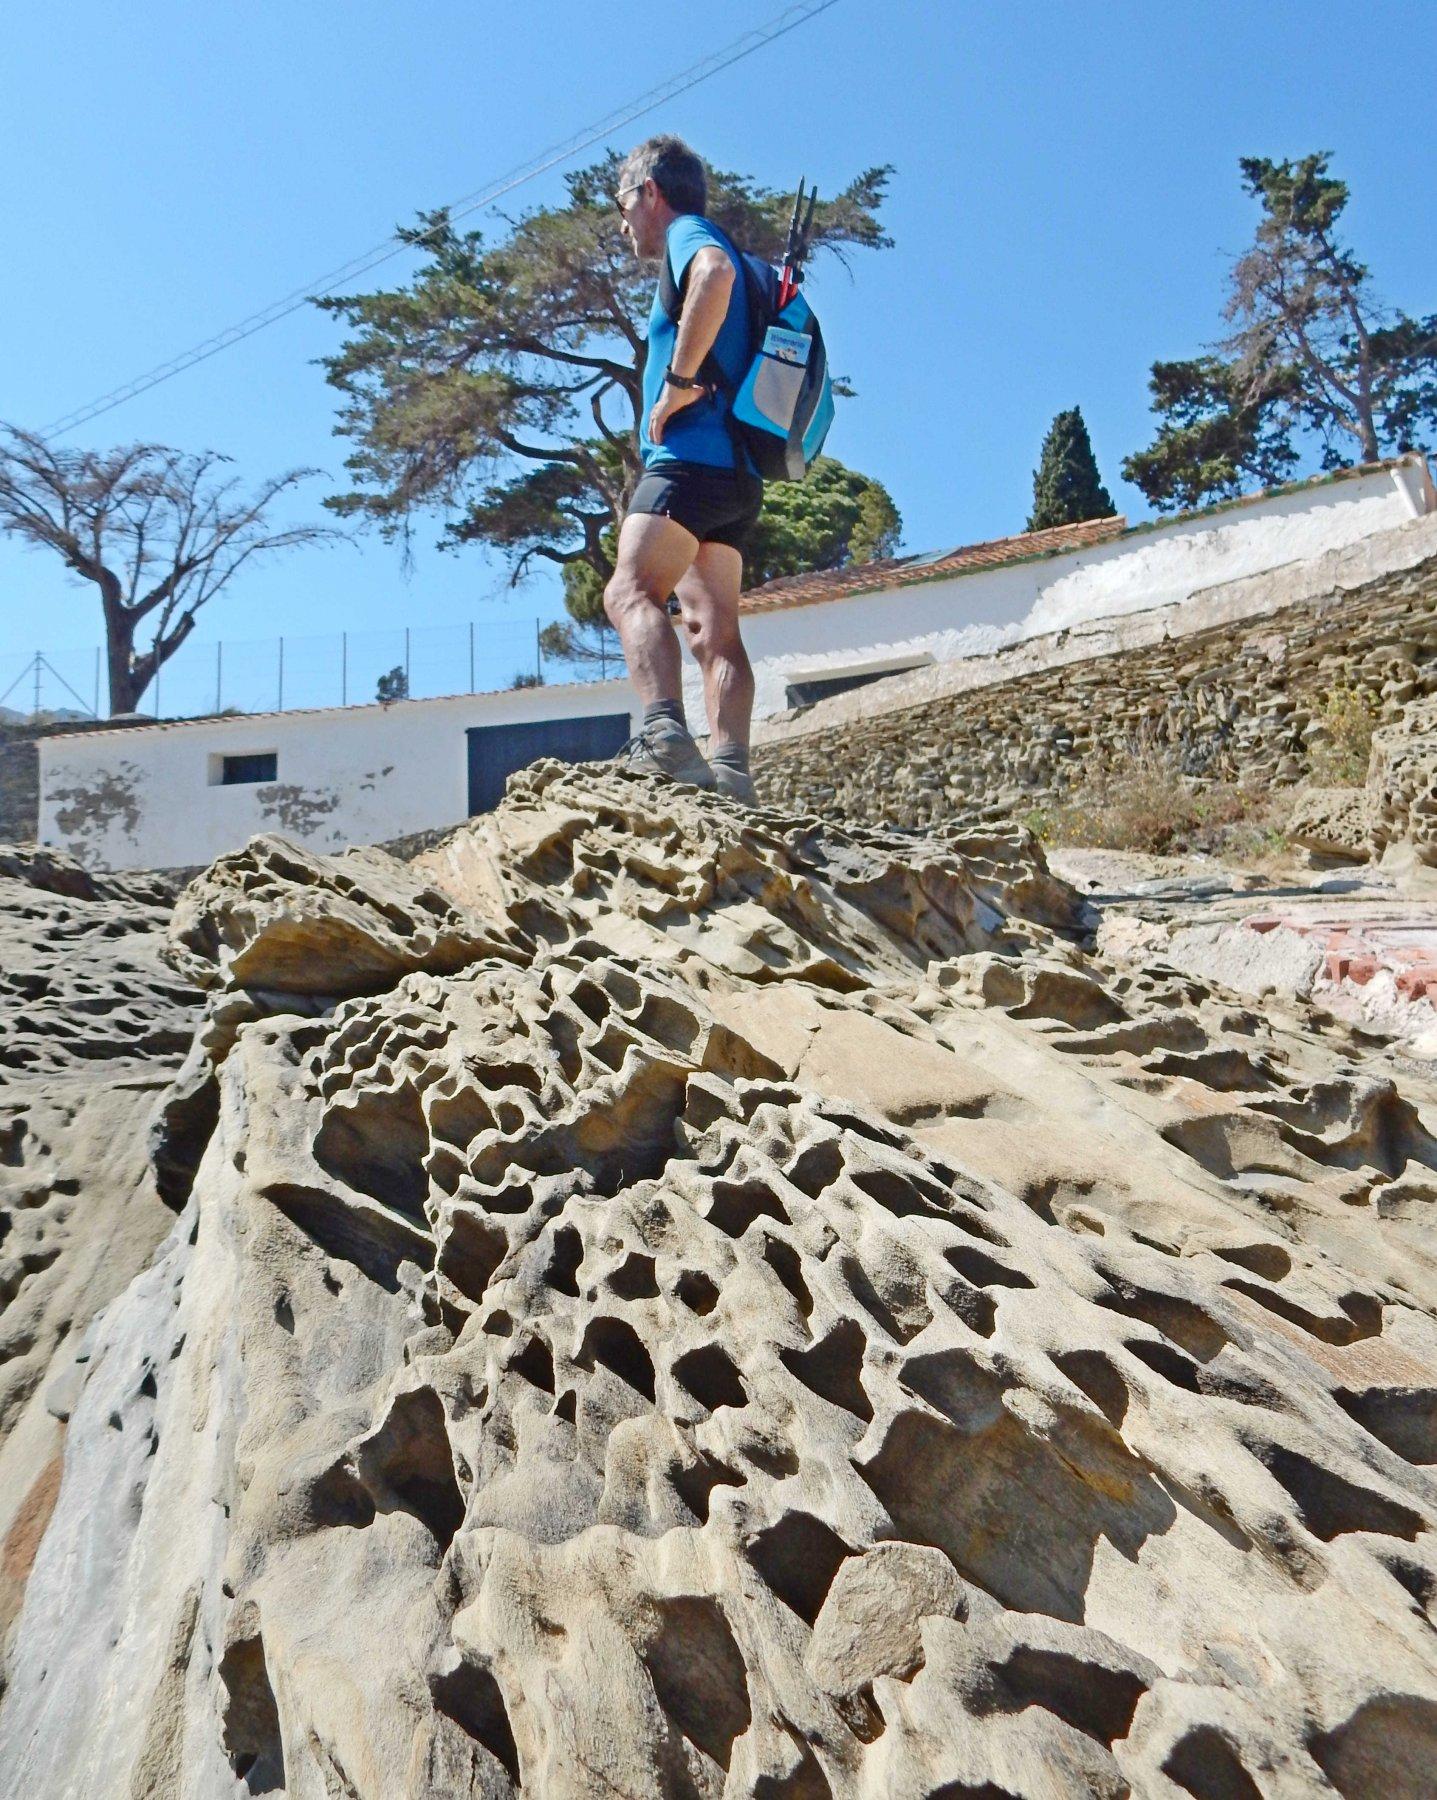 Rocce tafonate a Punta de sa Conca.